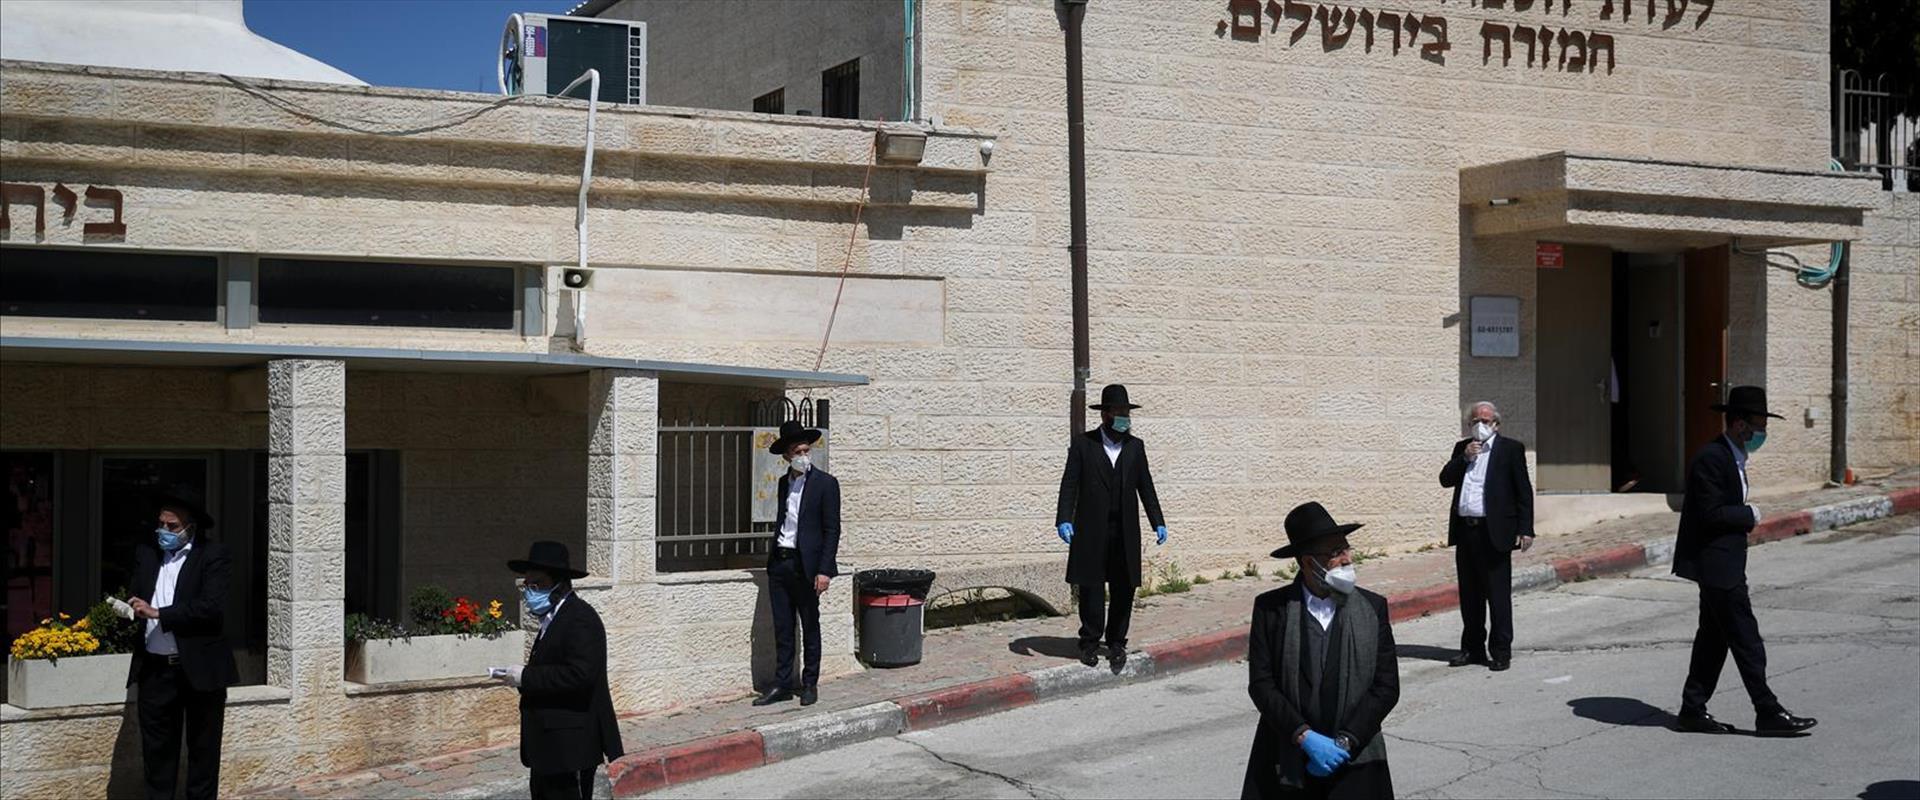 הלוויית הרב בקשי דורון בהר המנוחות בירושלים, הבוקר